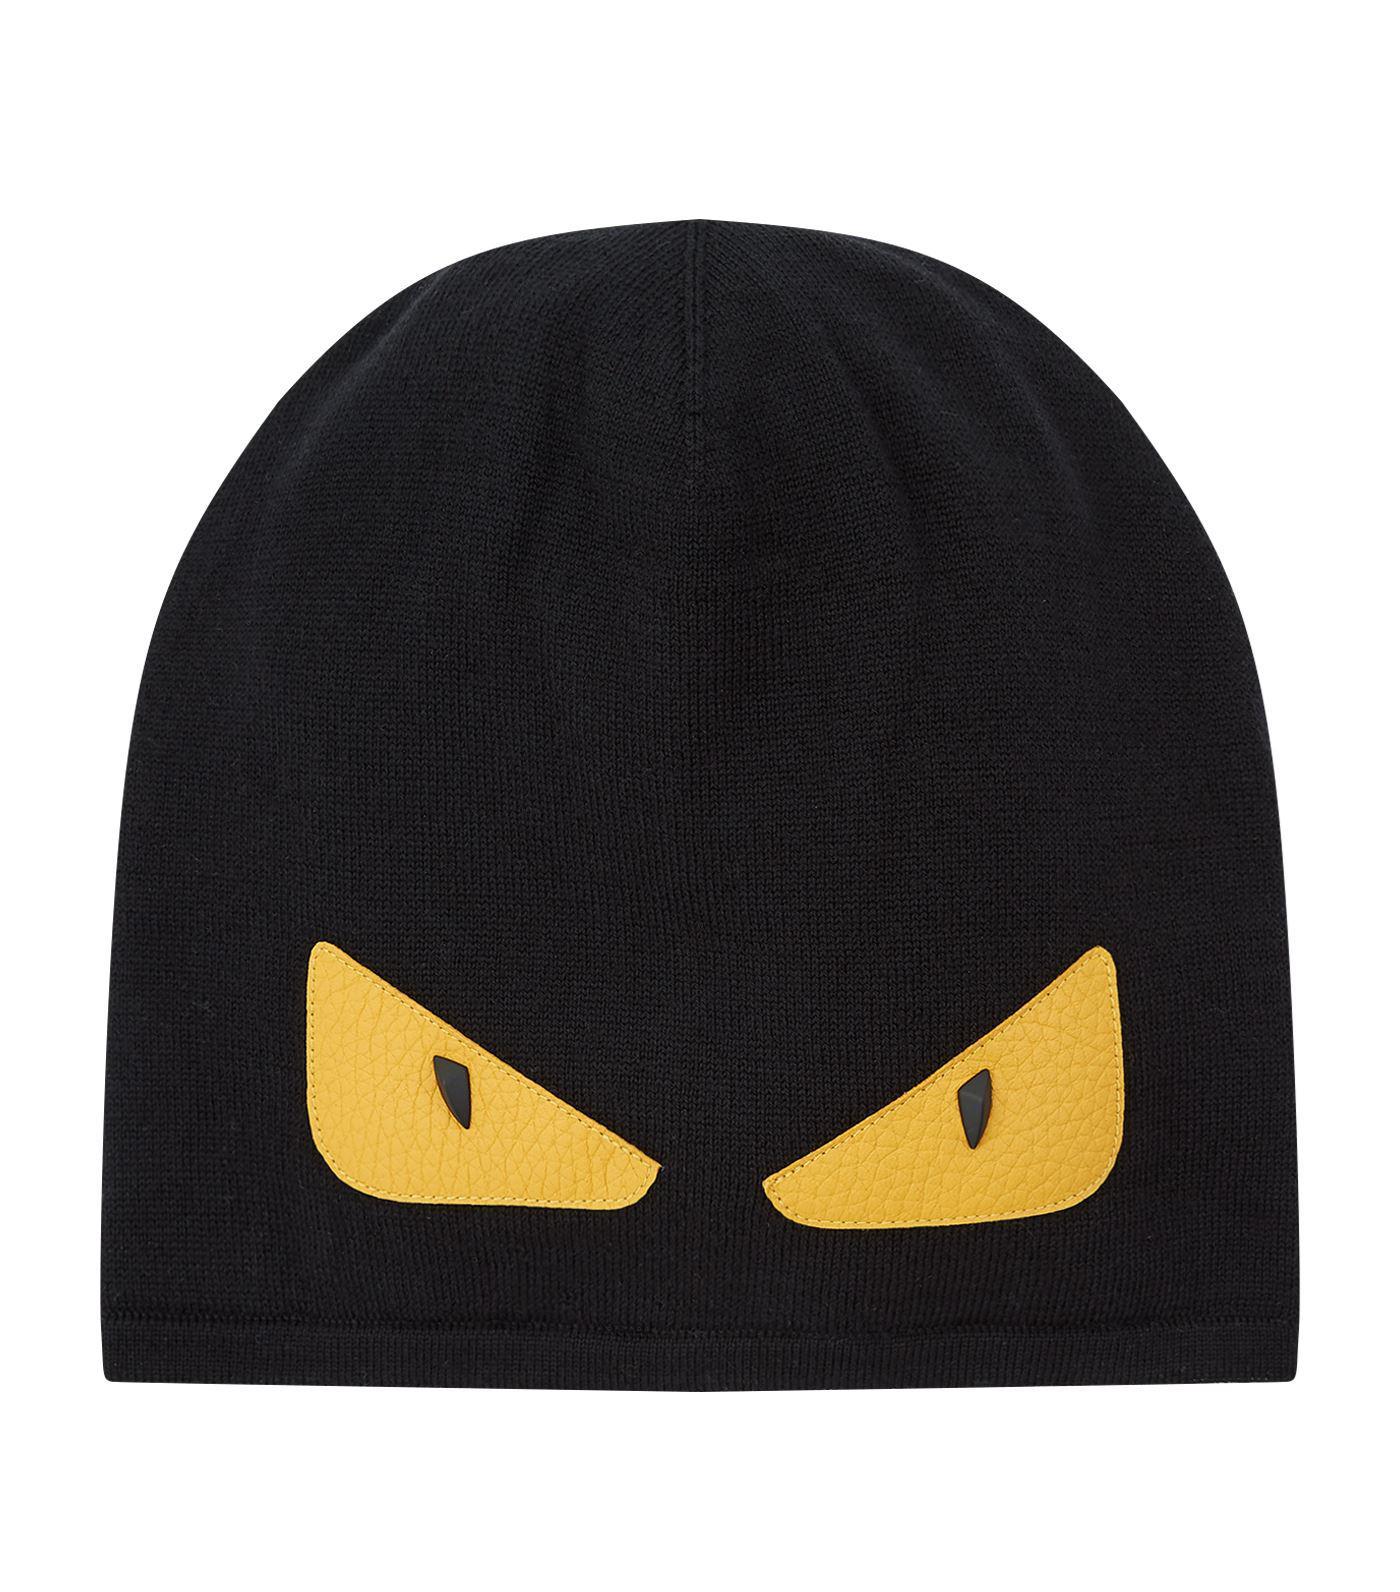 e4b14d7ec7a Lyst - Fendi Knitted Monster Eye Beanie in Black for Men